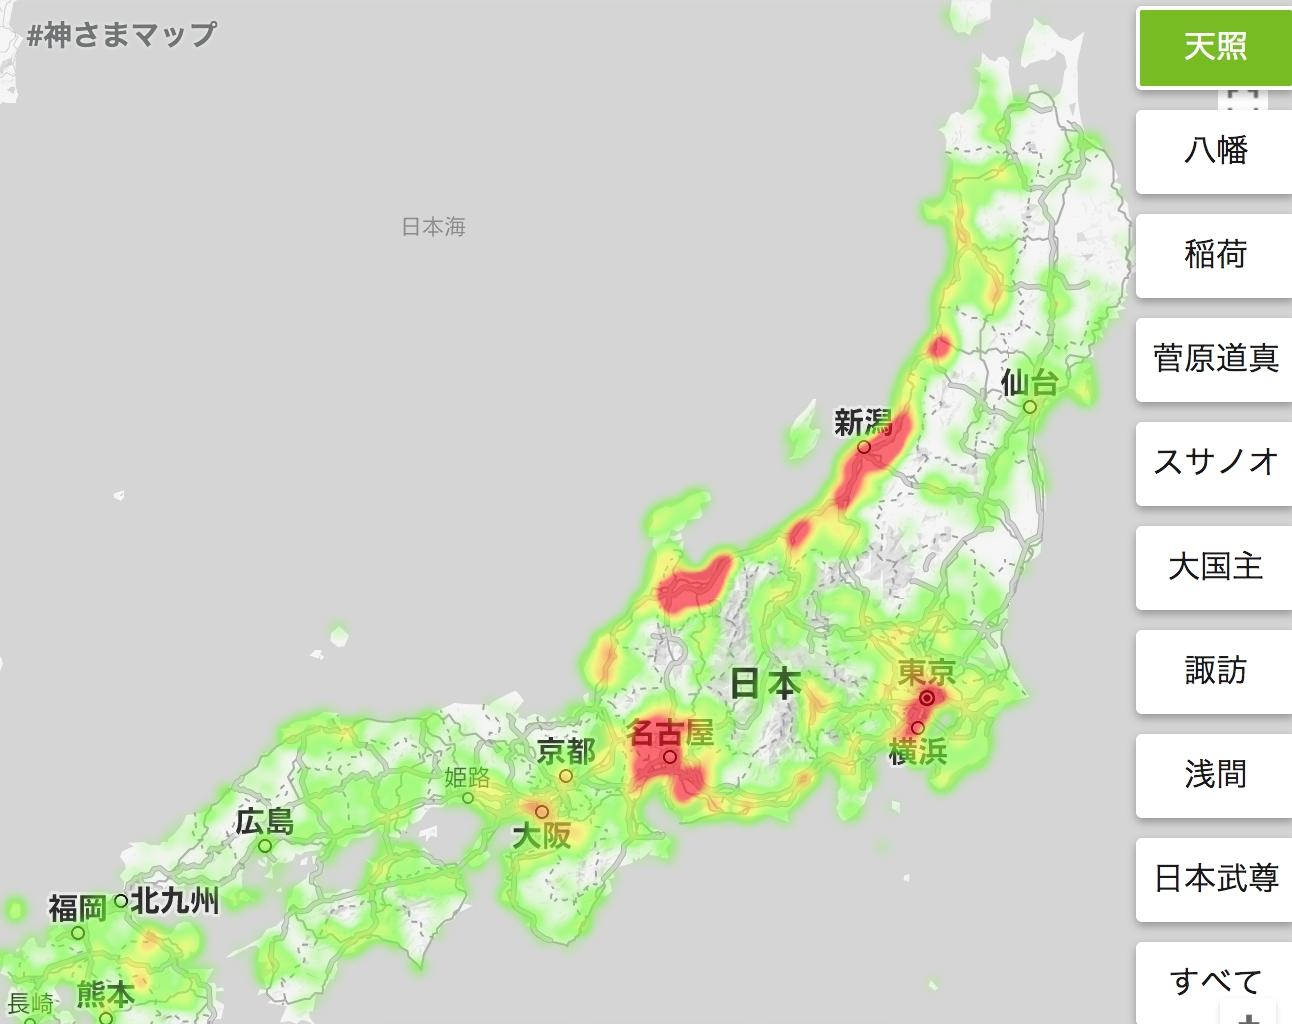 日本 新型 分布 コロナ